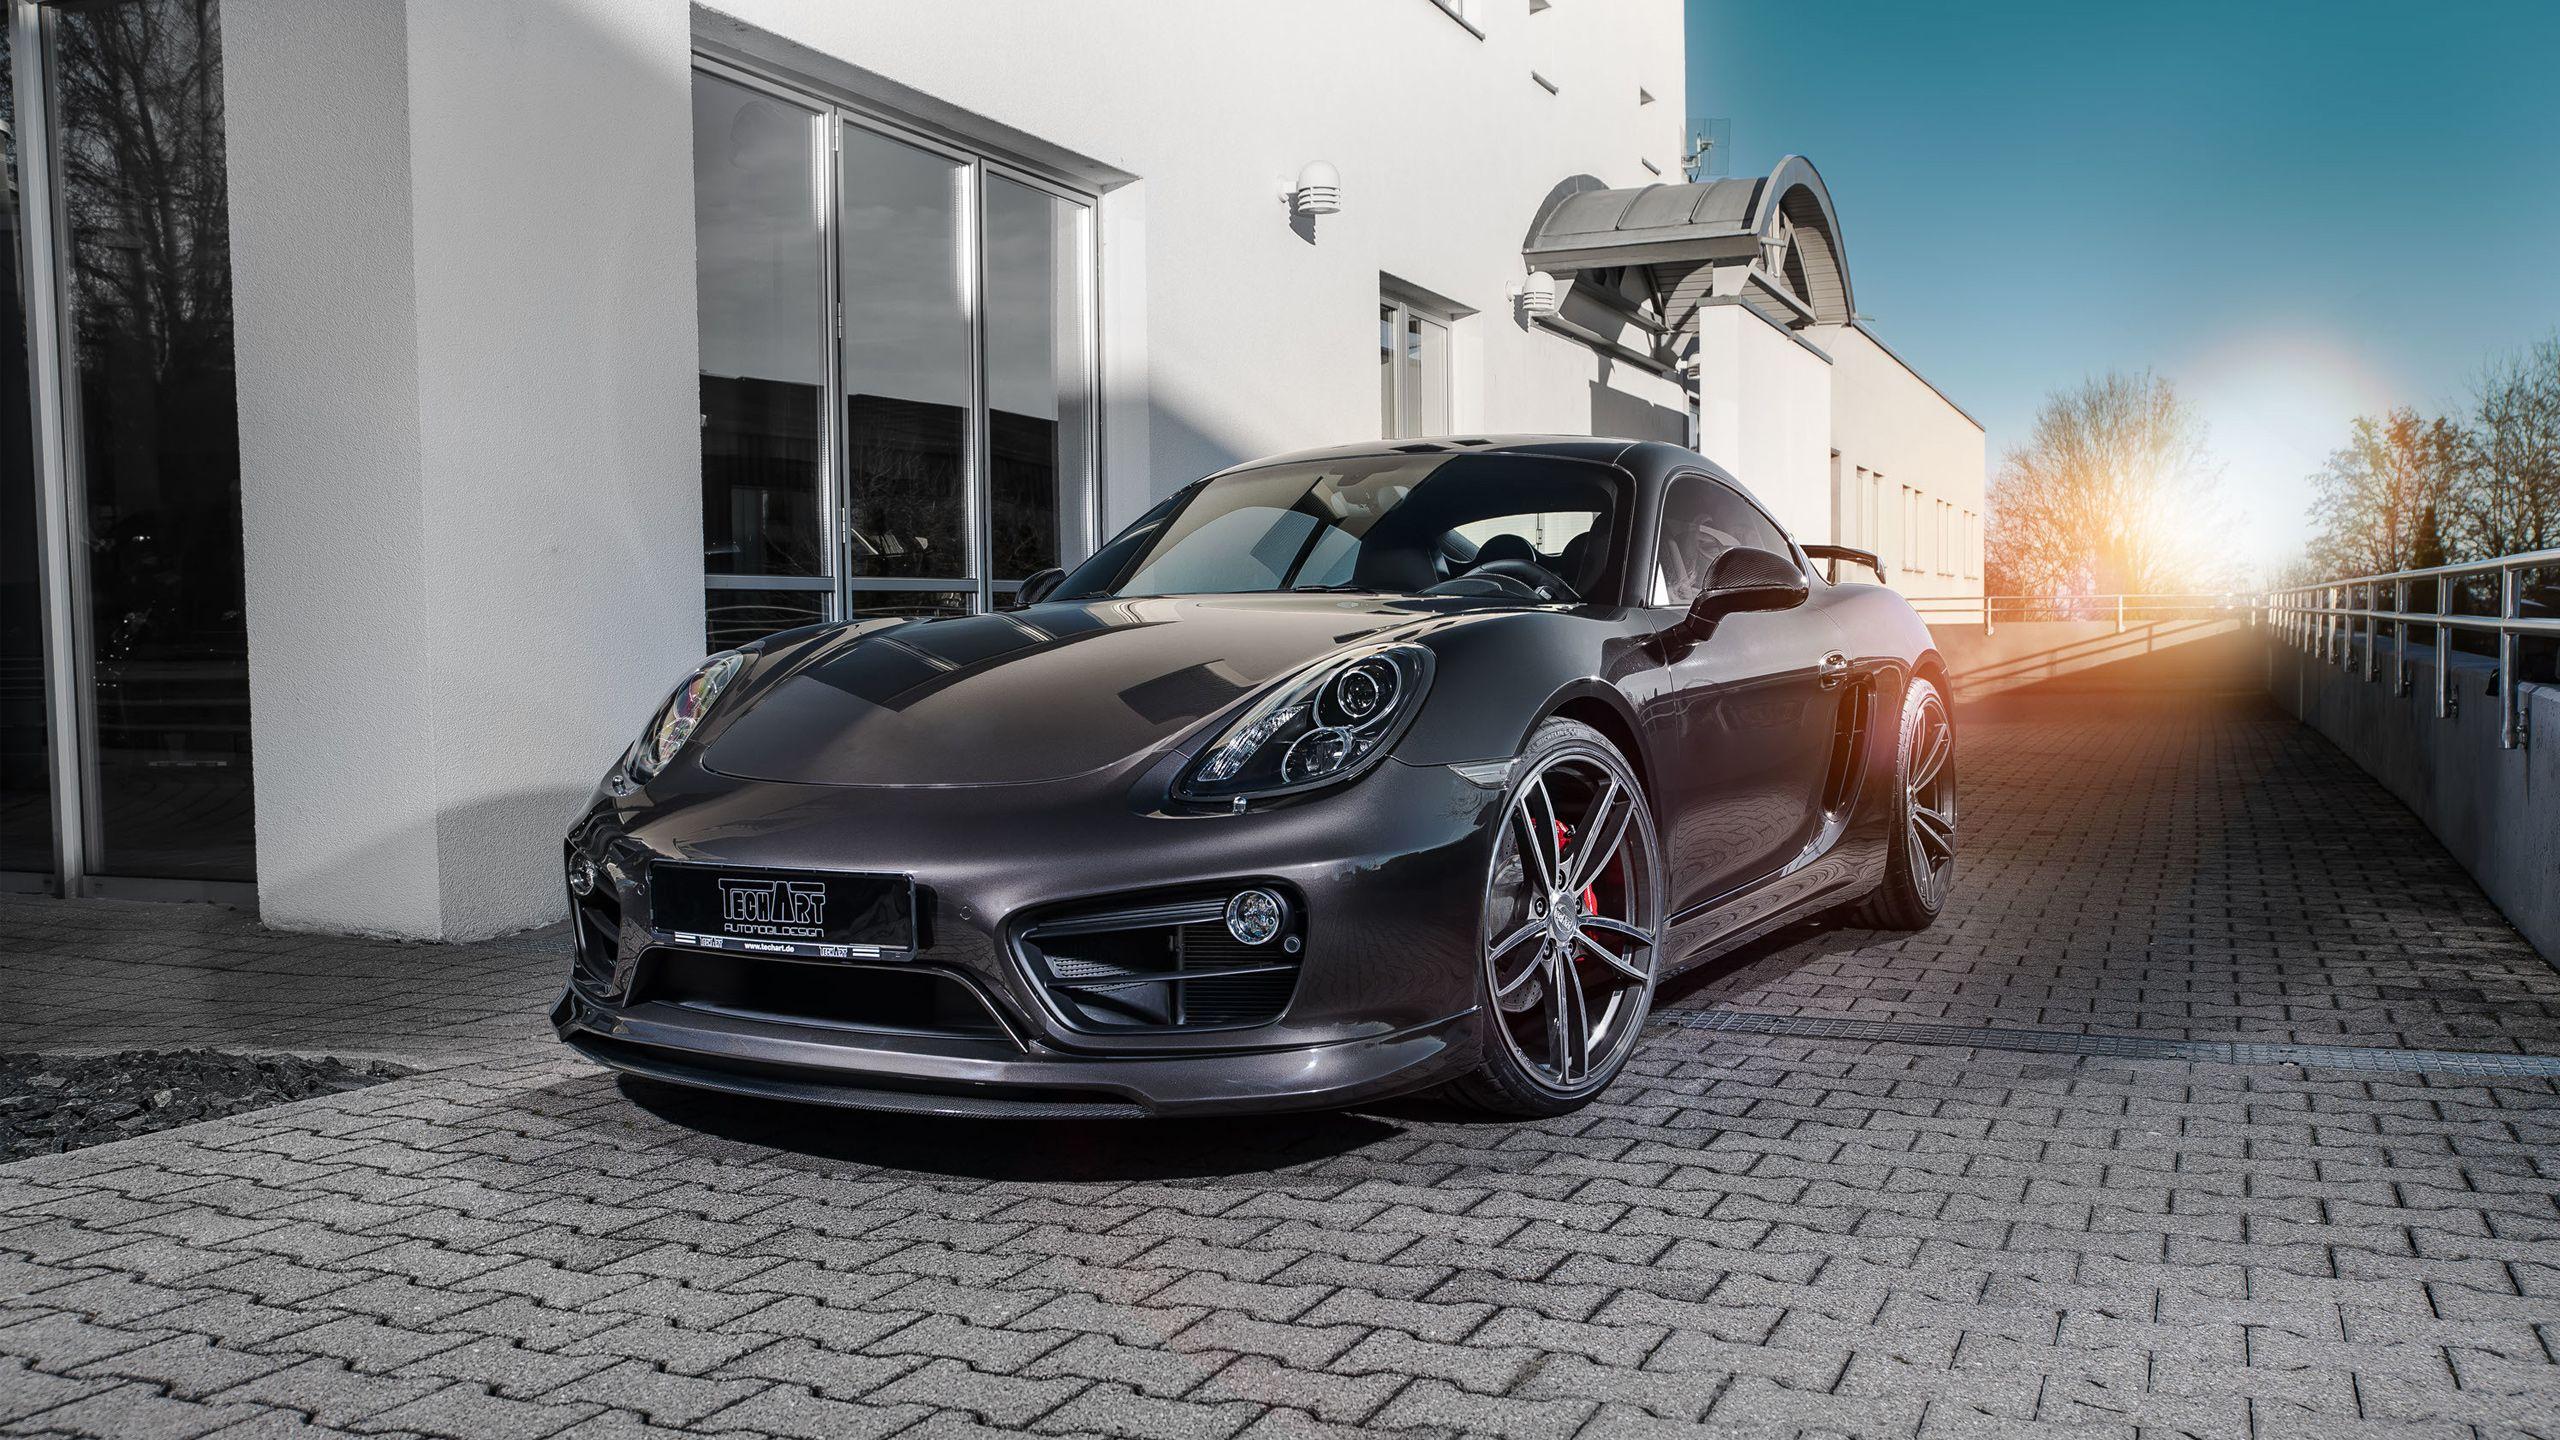 Porsche Hd Wallpapers Get Free Top Quality Porsche Hd Wallpapers